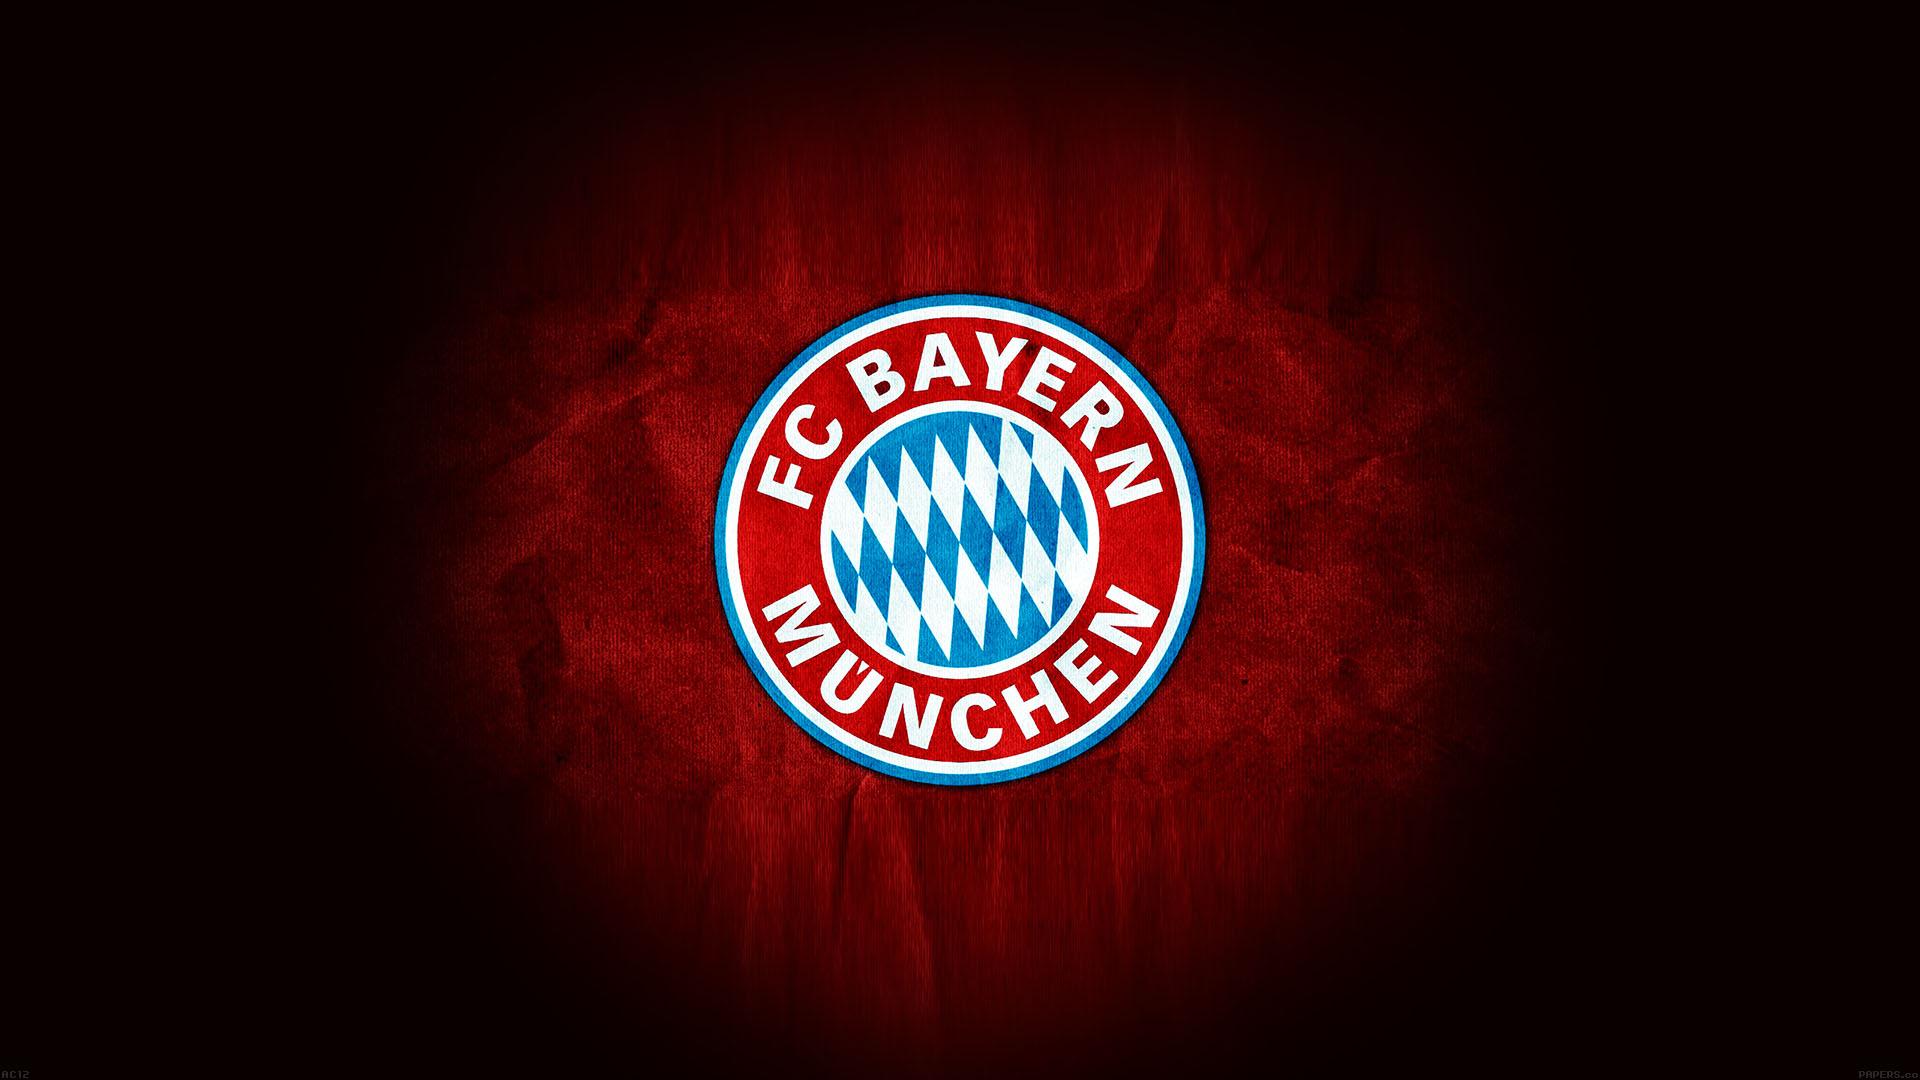 Mac Pro Fall Wallpaper 2017 Ac12 Wallpaper Bayern Munchen Soccer Team Football Papers Co